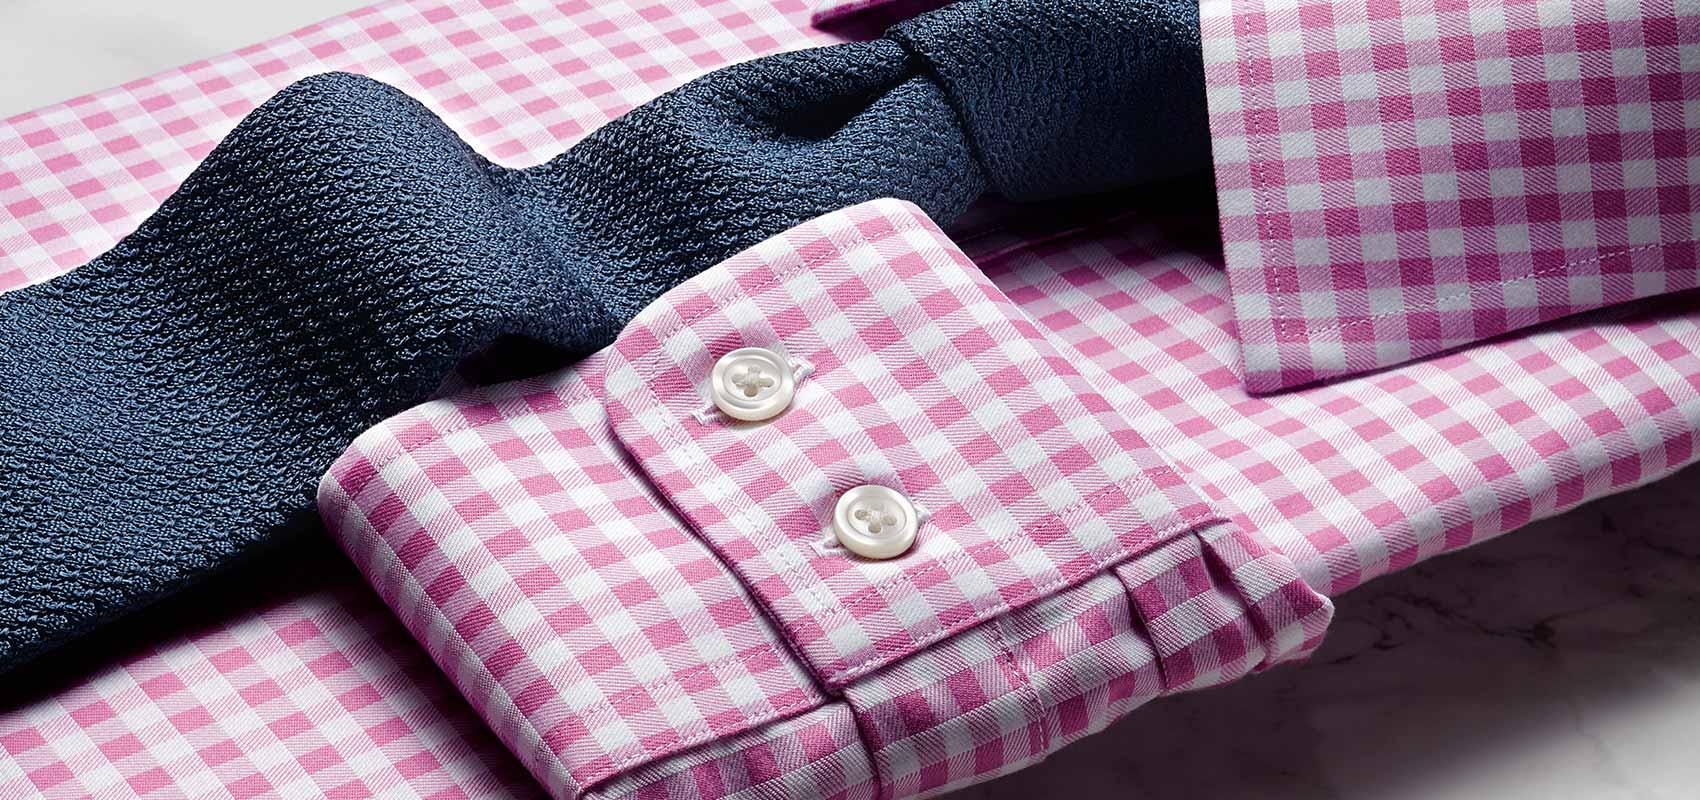 Charles Tyrwhitt men's pink and purple shirts